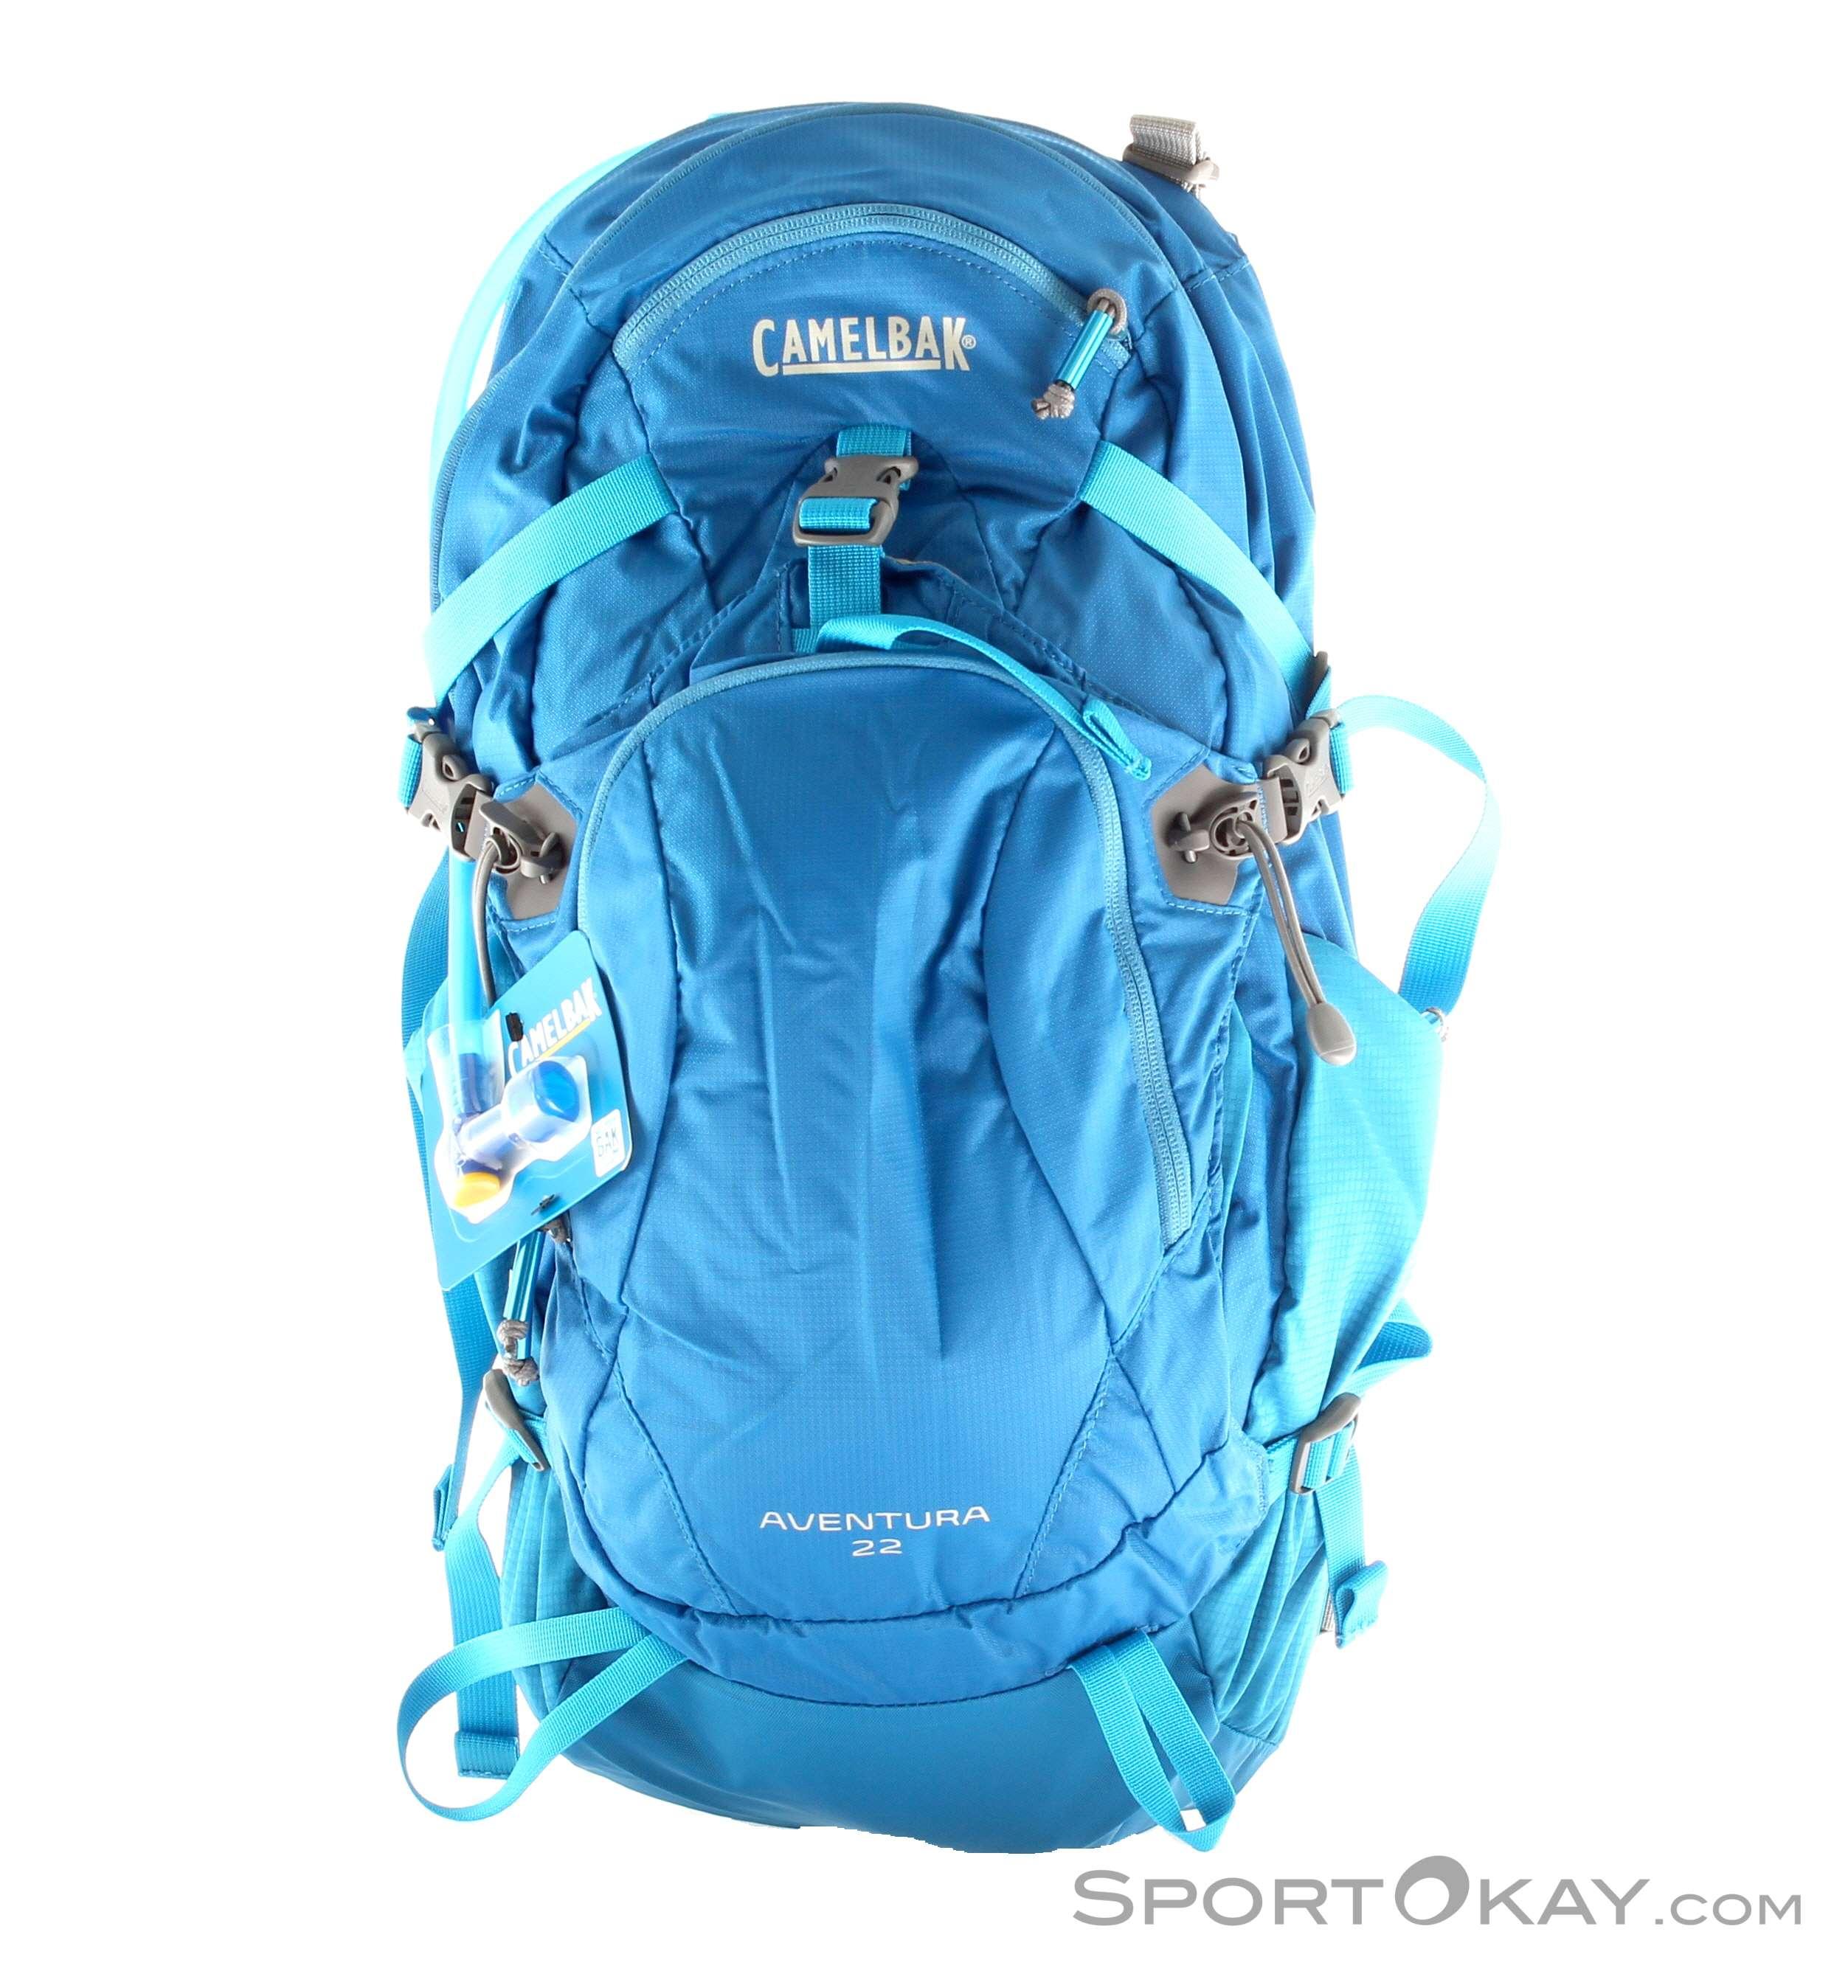 Camelbak Aventura 22+3l Damen Rucksack, Camelbak, Blau, , Damen, 0132-10131, 5637548279, 886798621692, N1-01.jpg